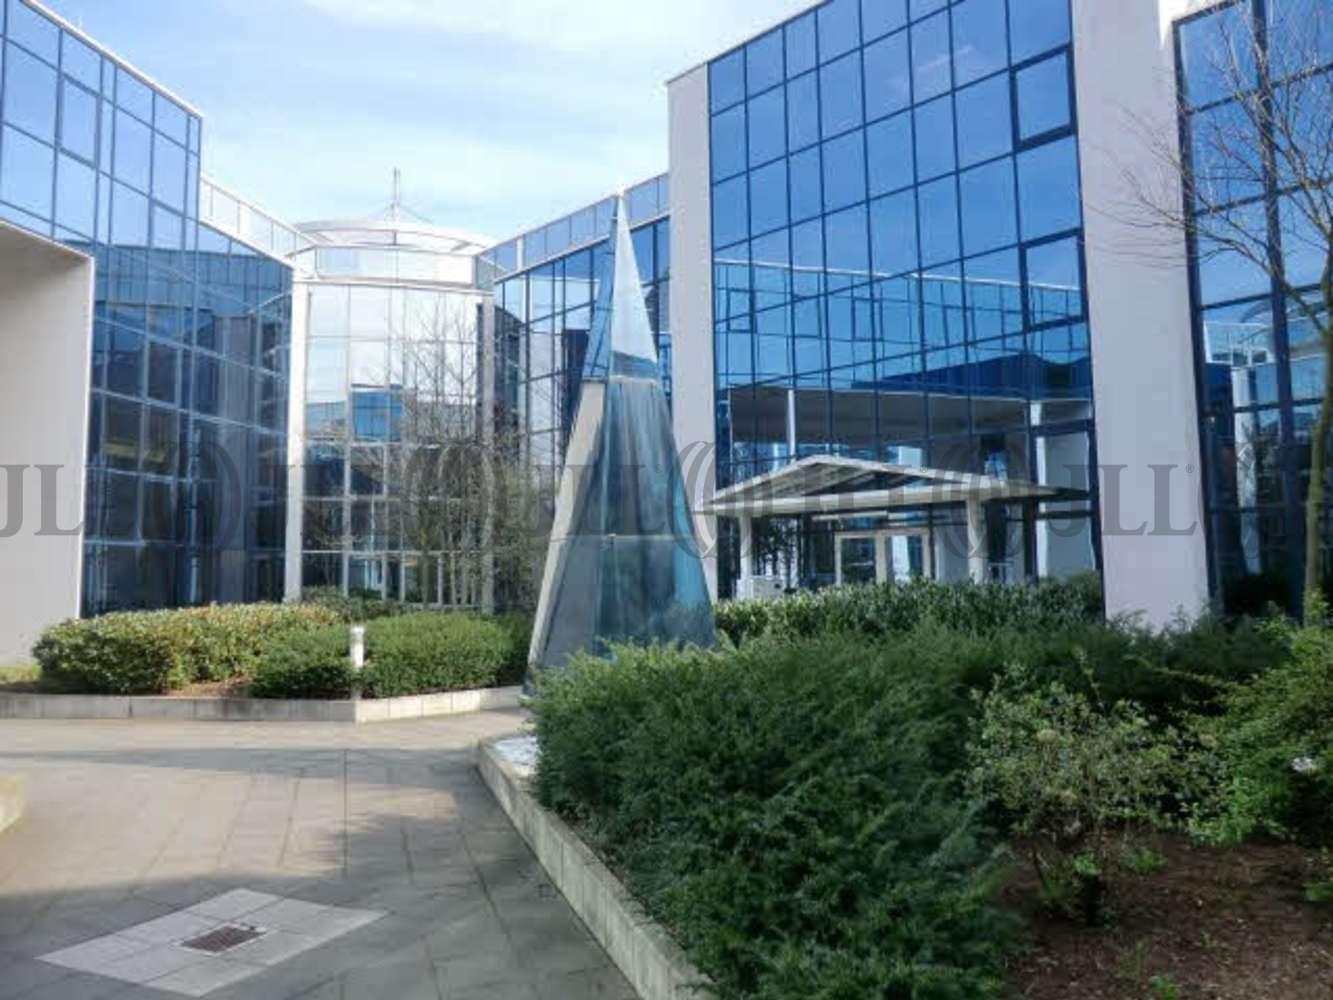 Büros Bad homburg, 61352 - Büro - Bad Homburg, Ober-Eschbach - F0155 - 9405489